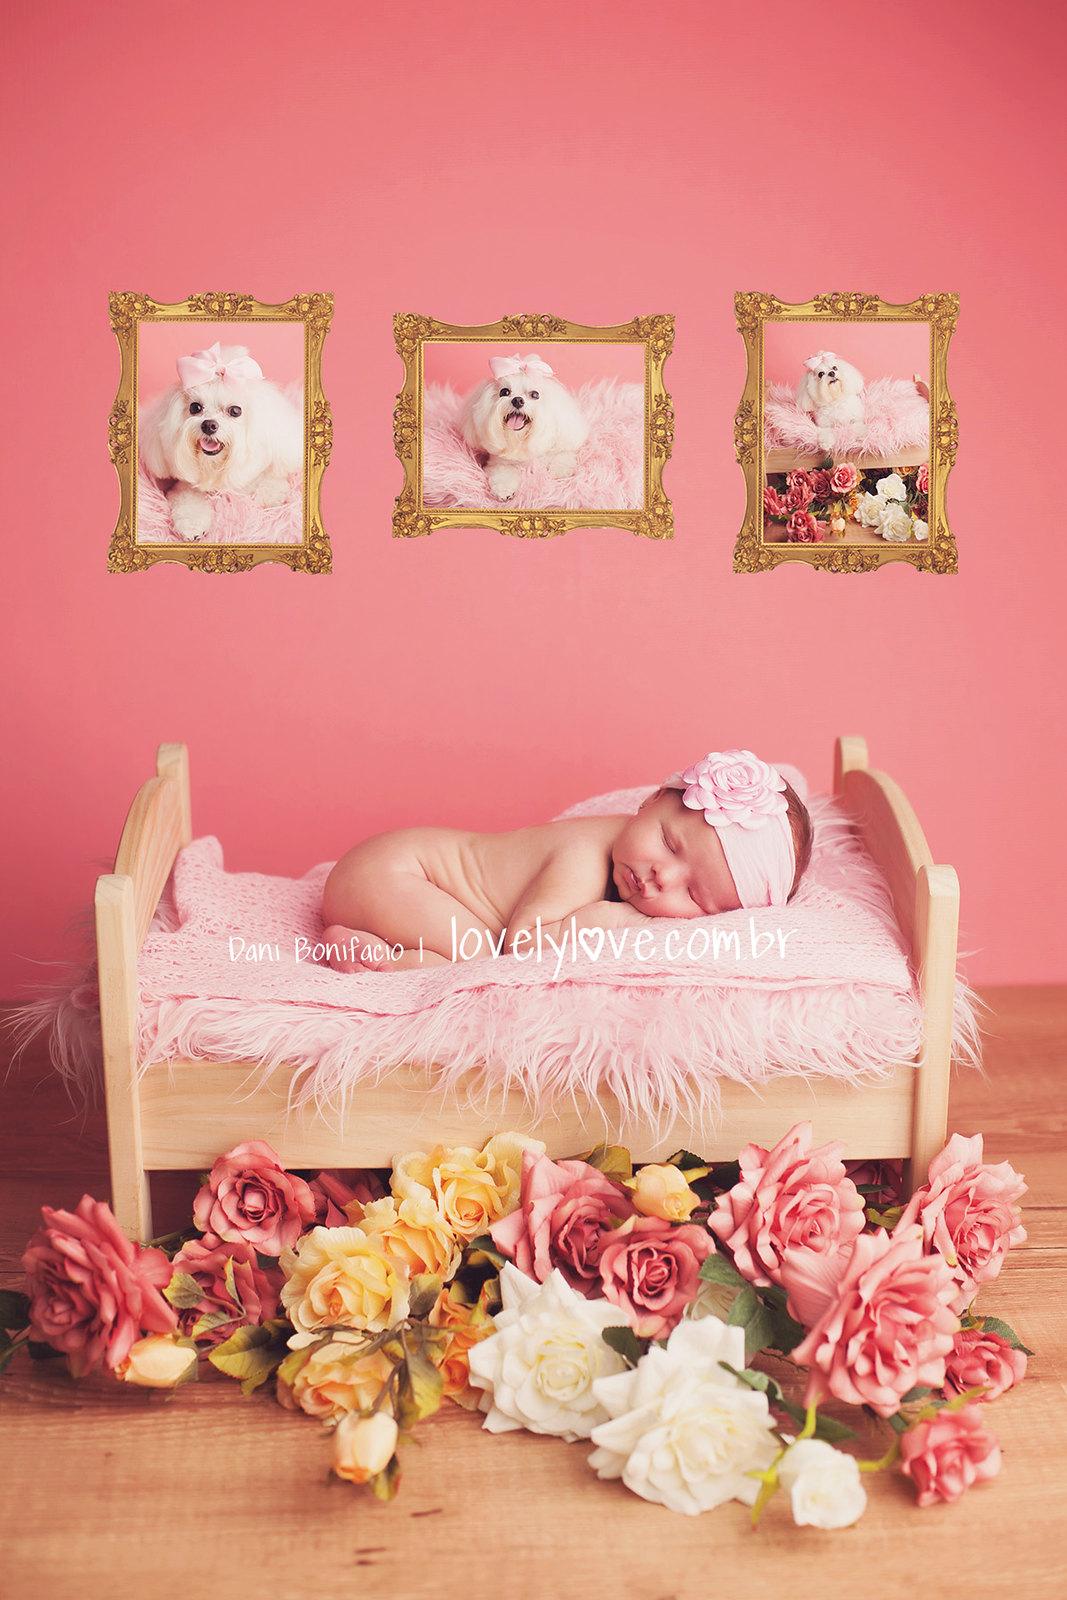 lovelylove-danibonifacio-newborn-acompanhamentobebe-ensaio-fotografia-foto-fotografa4